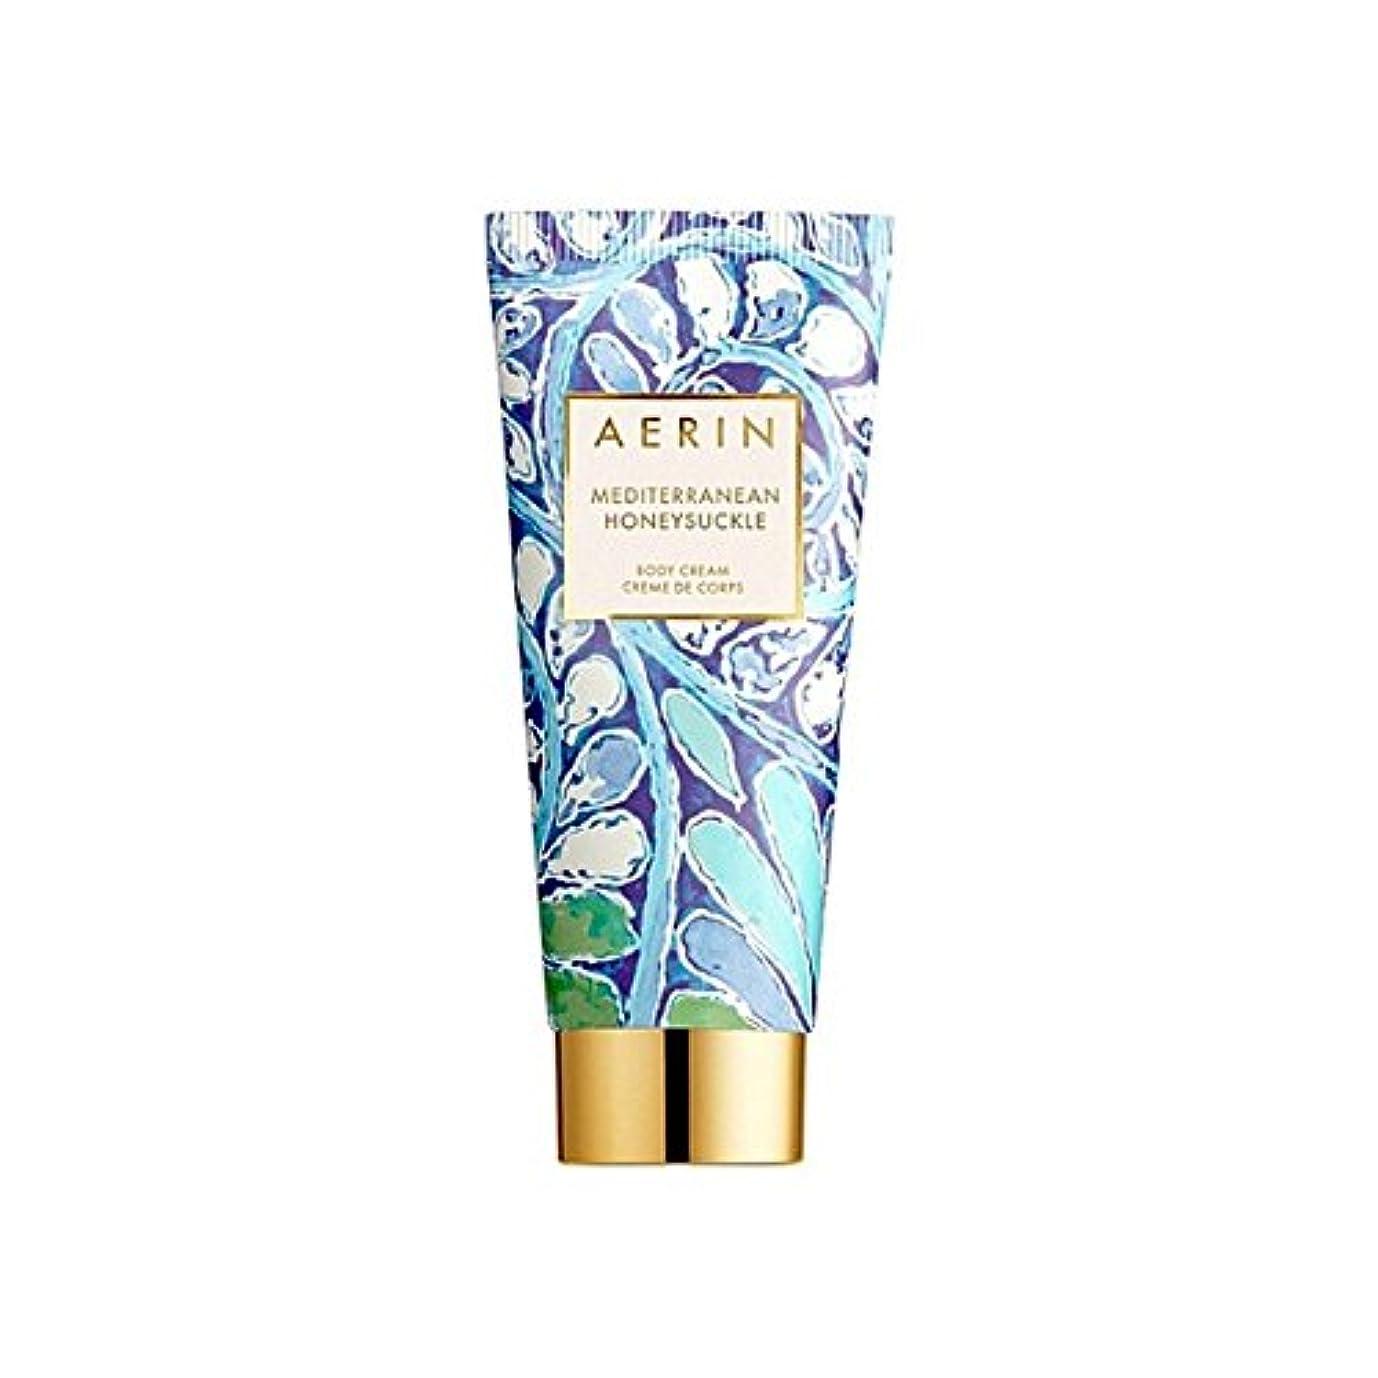 受粉者モバイル復活させるスイカズラボディクリーム150ミリリットル x4 - Aerin Mediterrenean Honeysuckle Body Cream 150ml (Pack of 4) [並行輸入品]